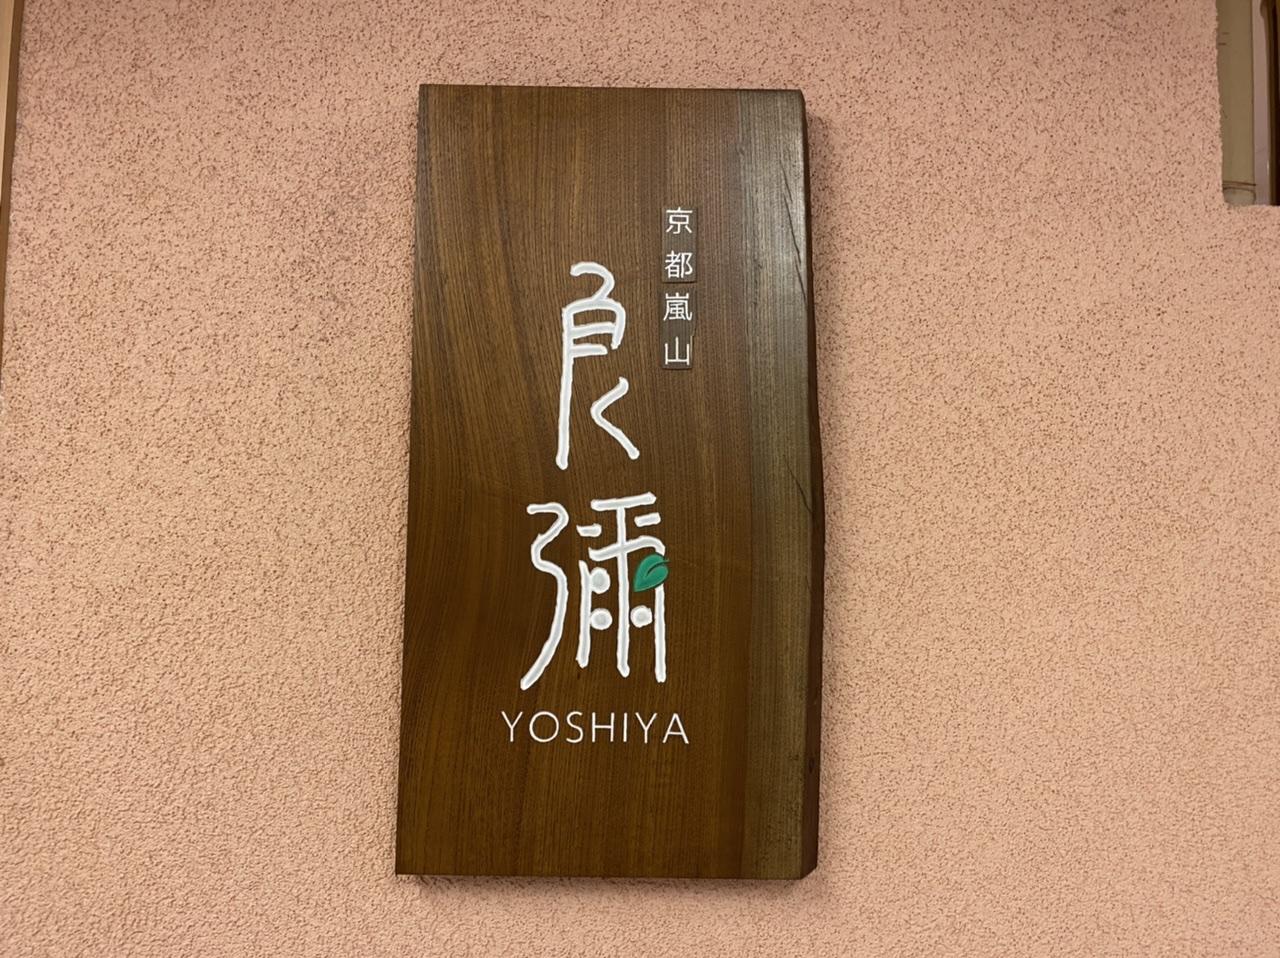 【新宿ランチ】まるで京都にいるみたい!京都嵐山《良彌》の絶品ランチを実食♡_1